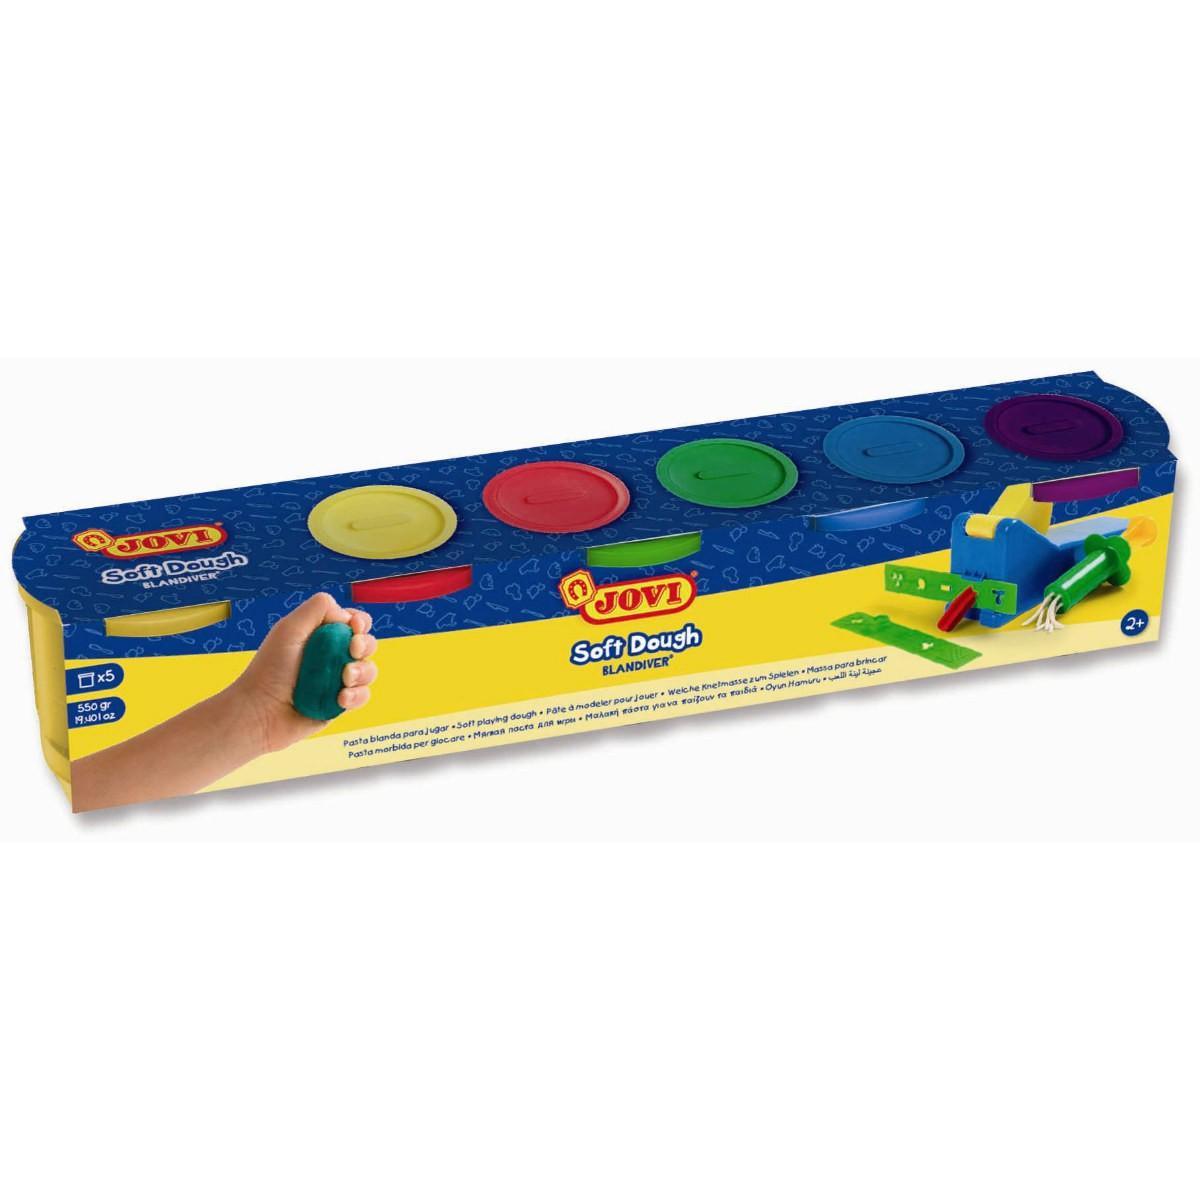 Kinder Soft Knete Set 5x110g - 5 Dosen JOVI Blandiver besonders weiche Knete